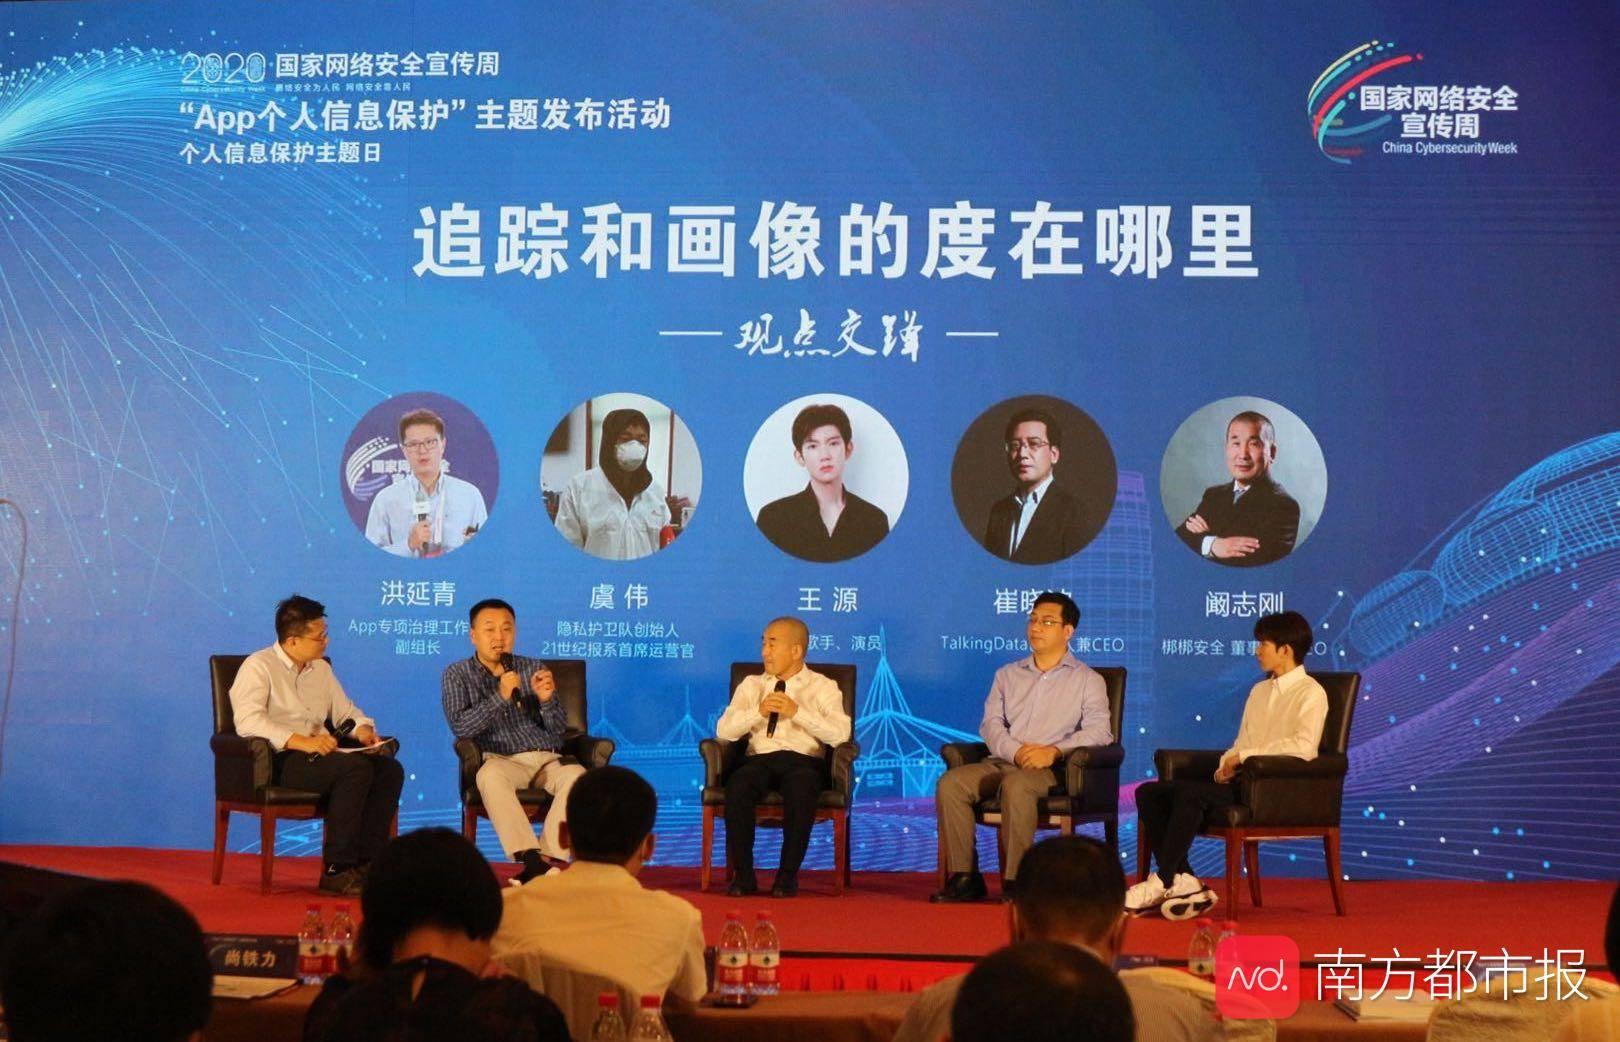 网安周个人信息保护日活动:王源亮相!谈大数据追踪应有度